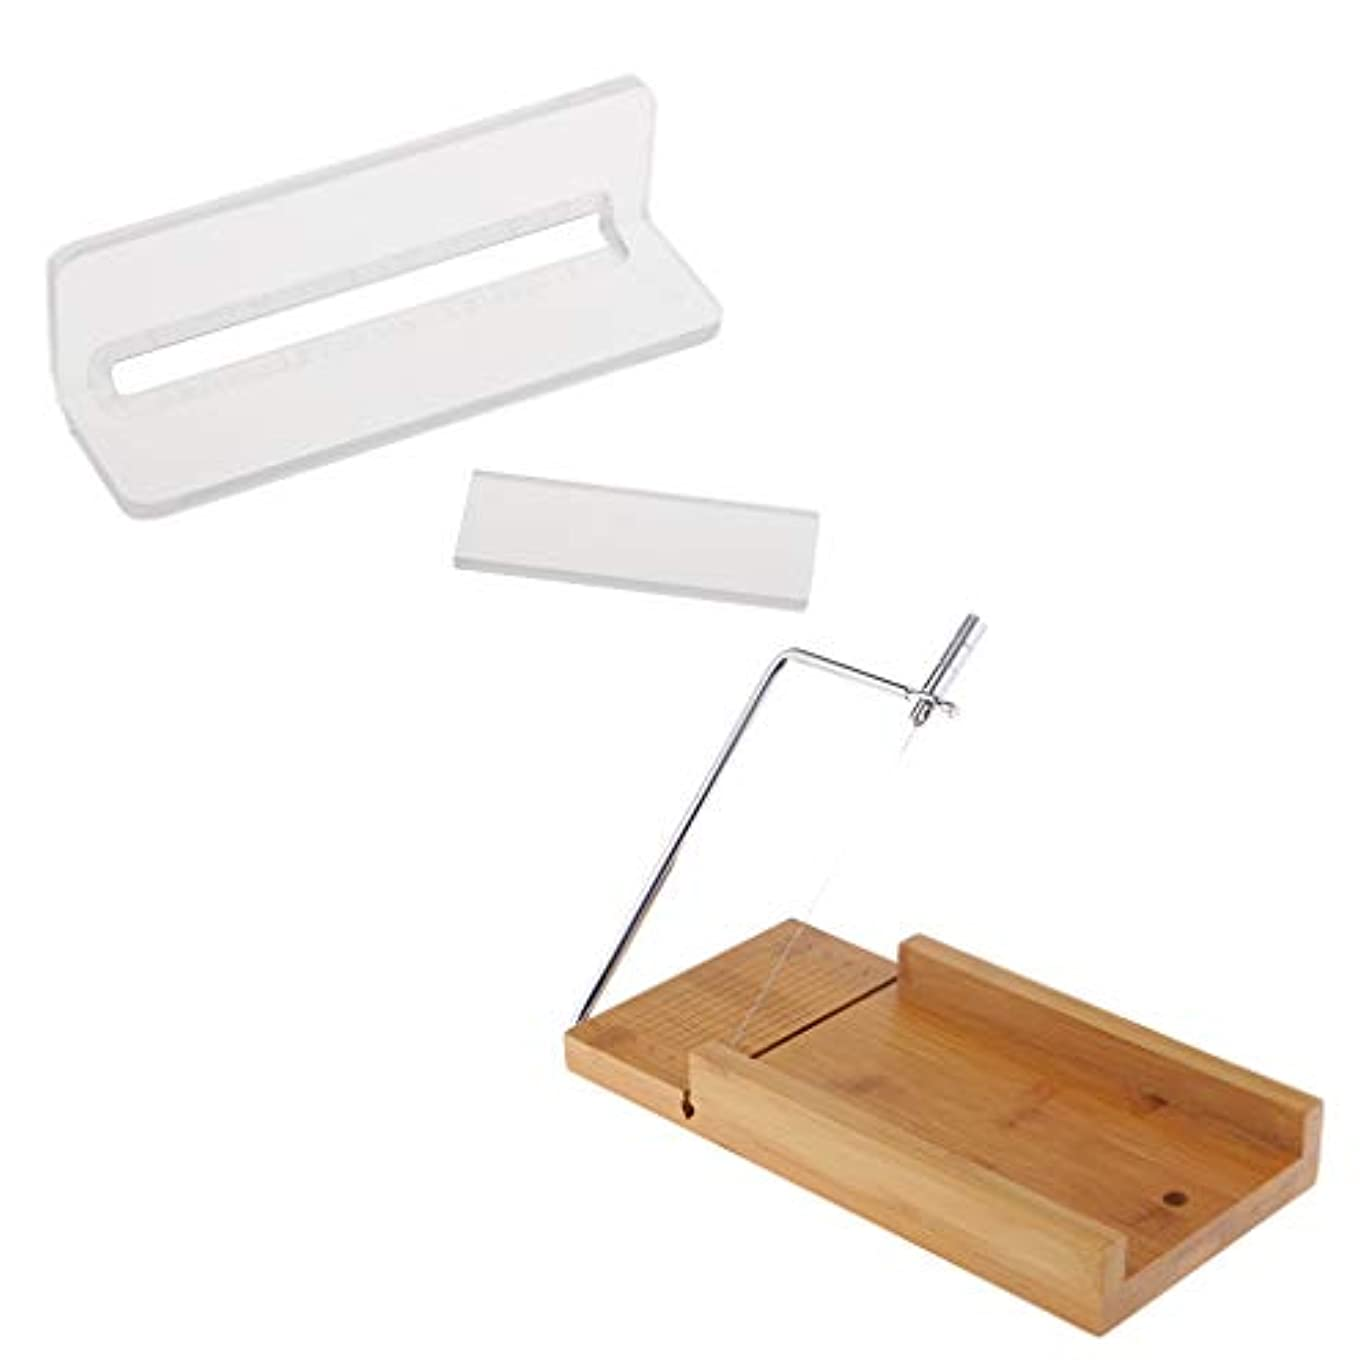 蛇行ロイヤリティ野球D DOLITY ソープカッター 木製 石鹸カッター ローフカッター チーズナイフ 2個入り